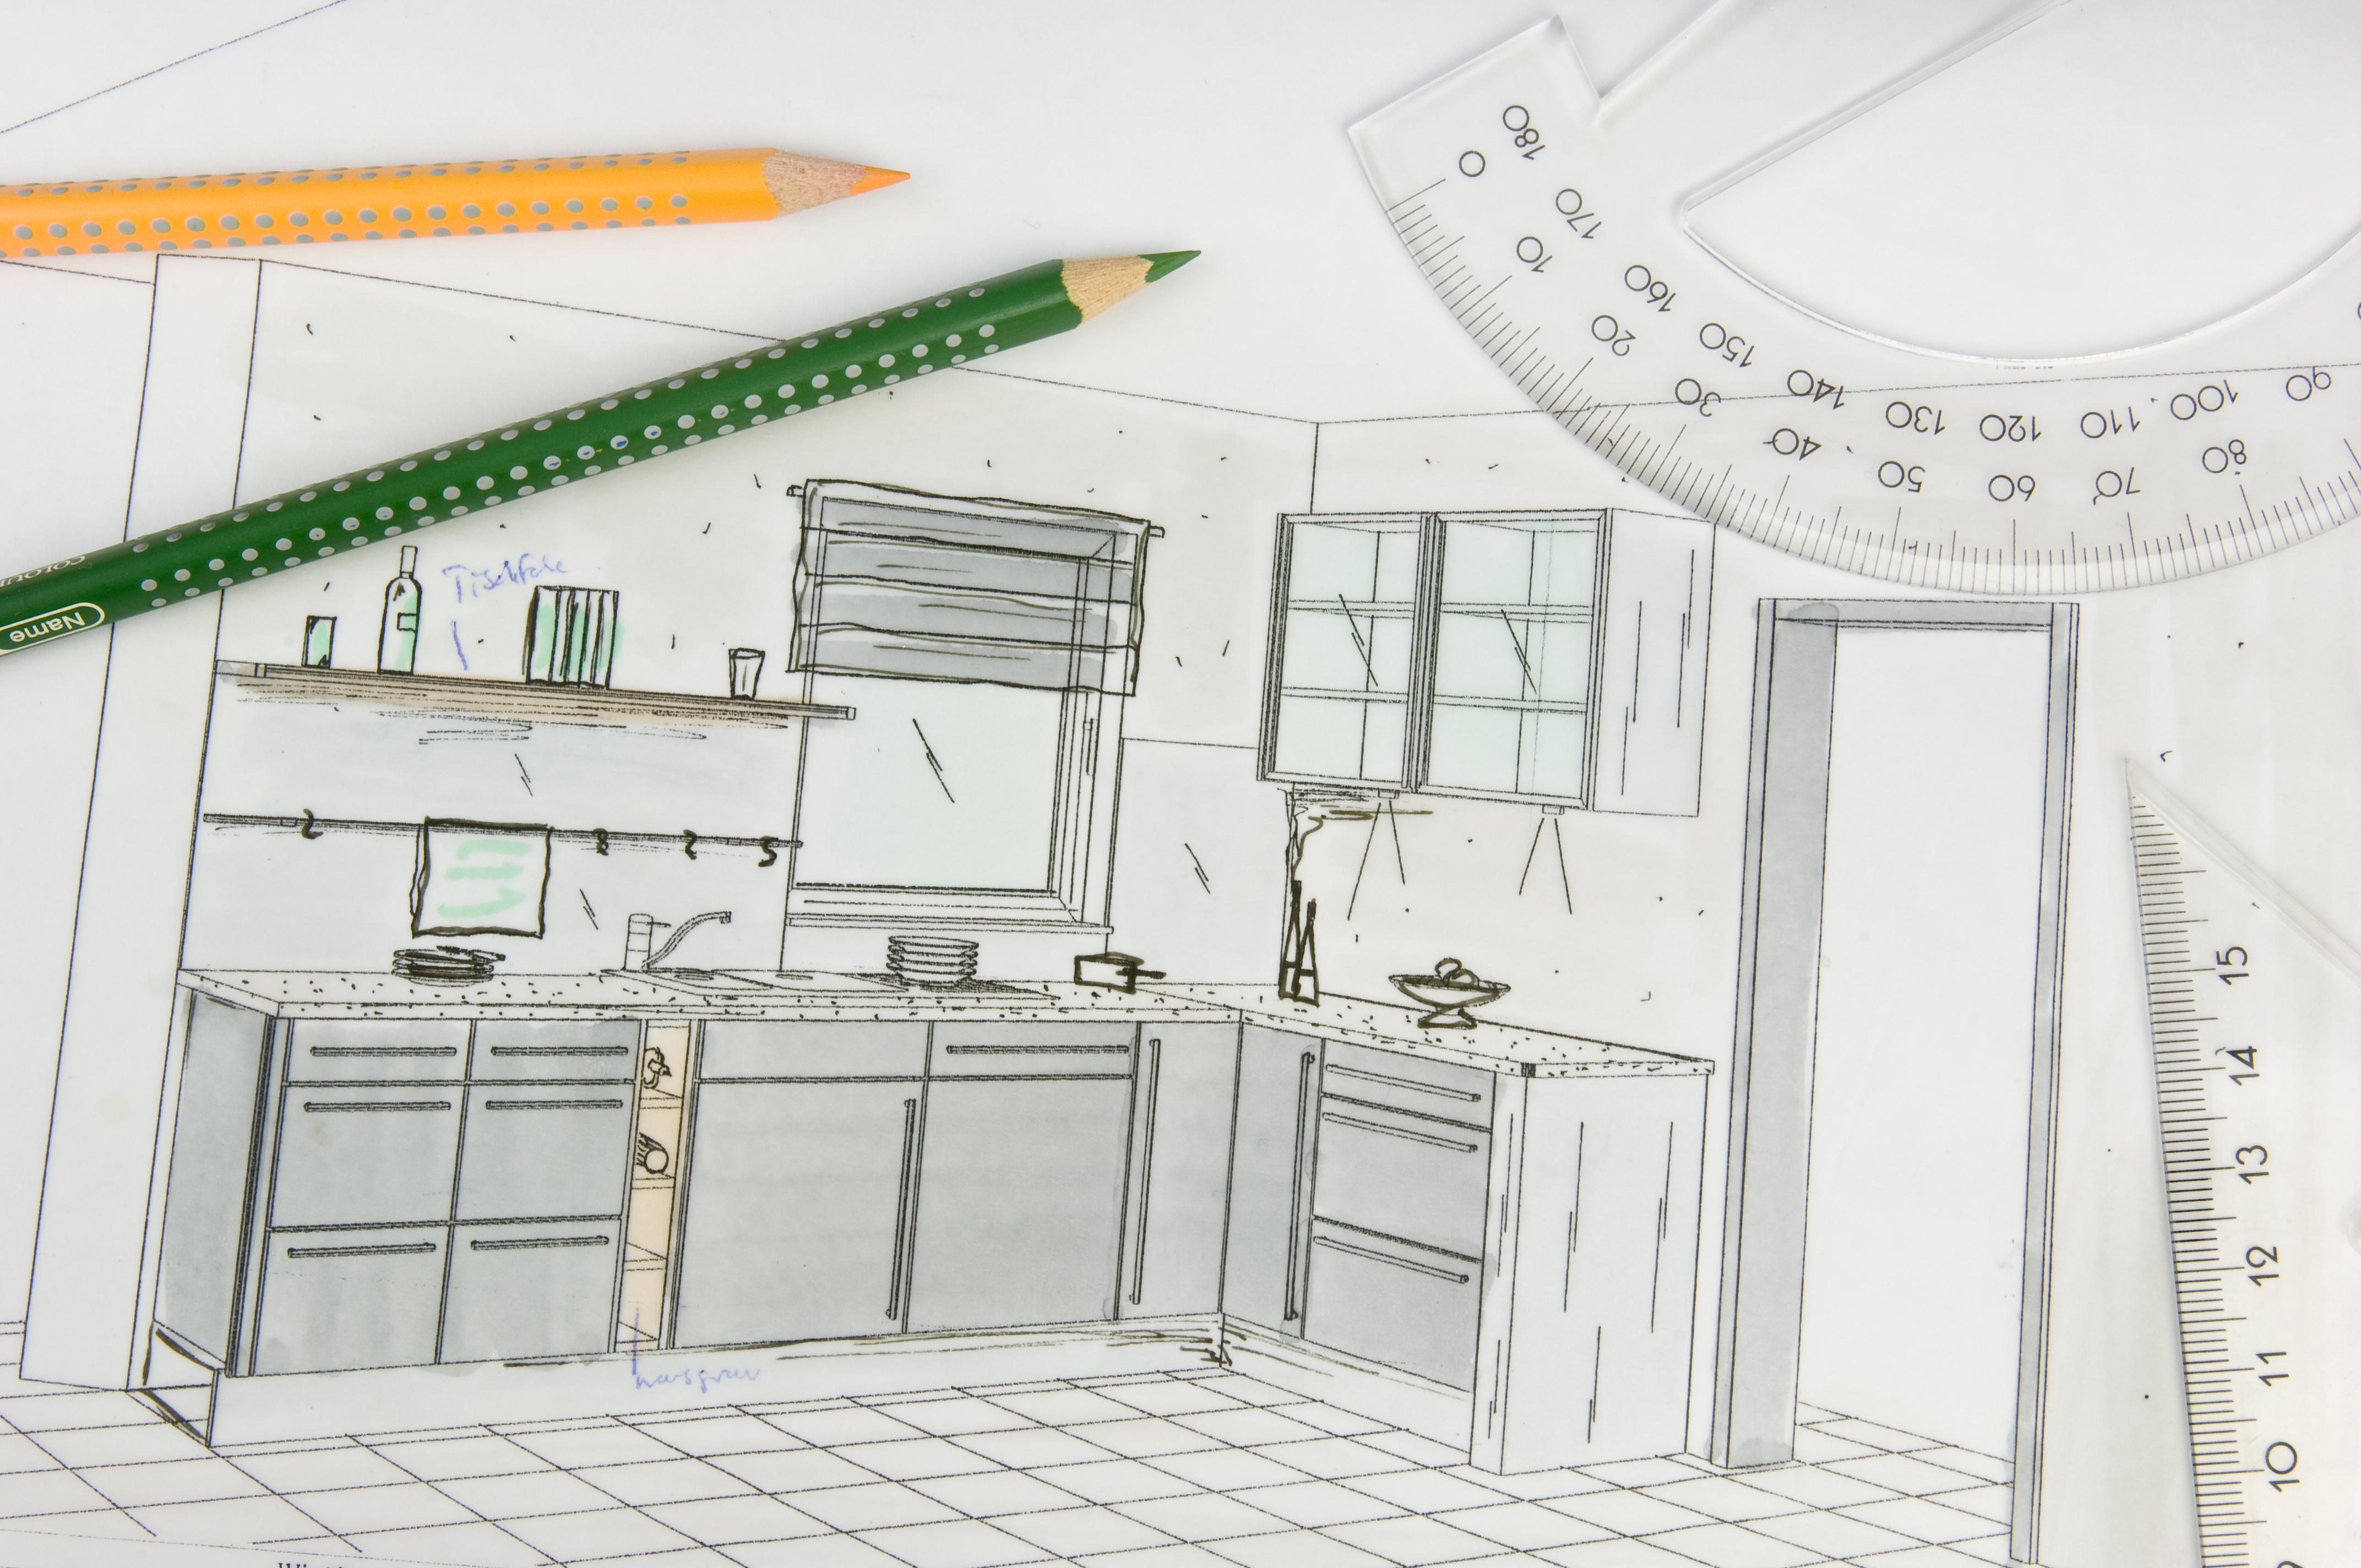 küche ausmessen so vermeiden sie teure fehler